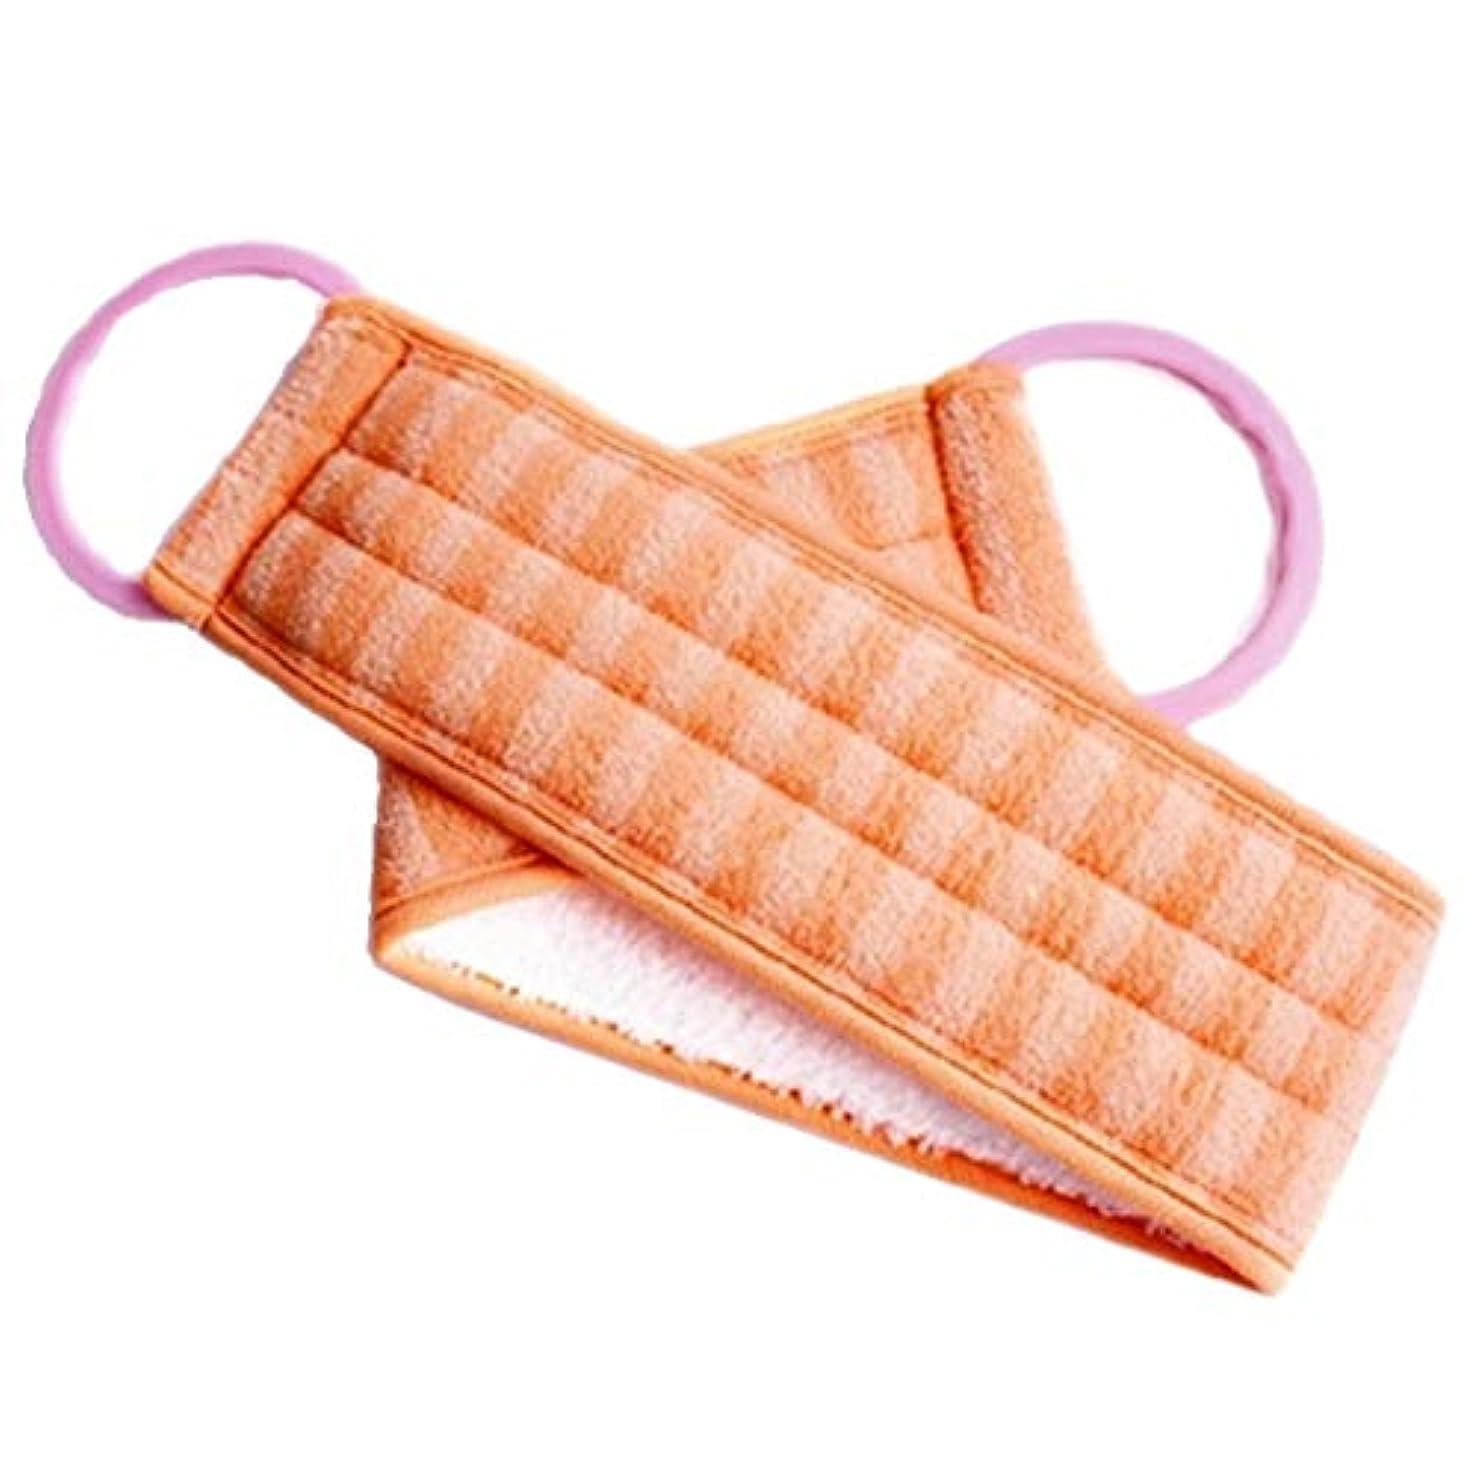 評議会妖精ひばりボディエクスフォリエイティング用ハンドルバススポンジブラシ付きロングバックスクラバー、オレンジ